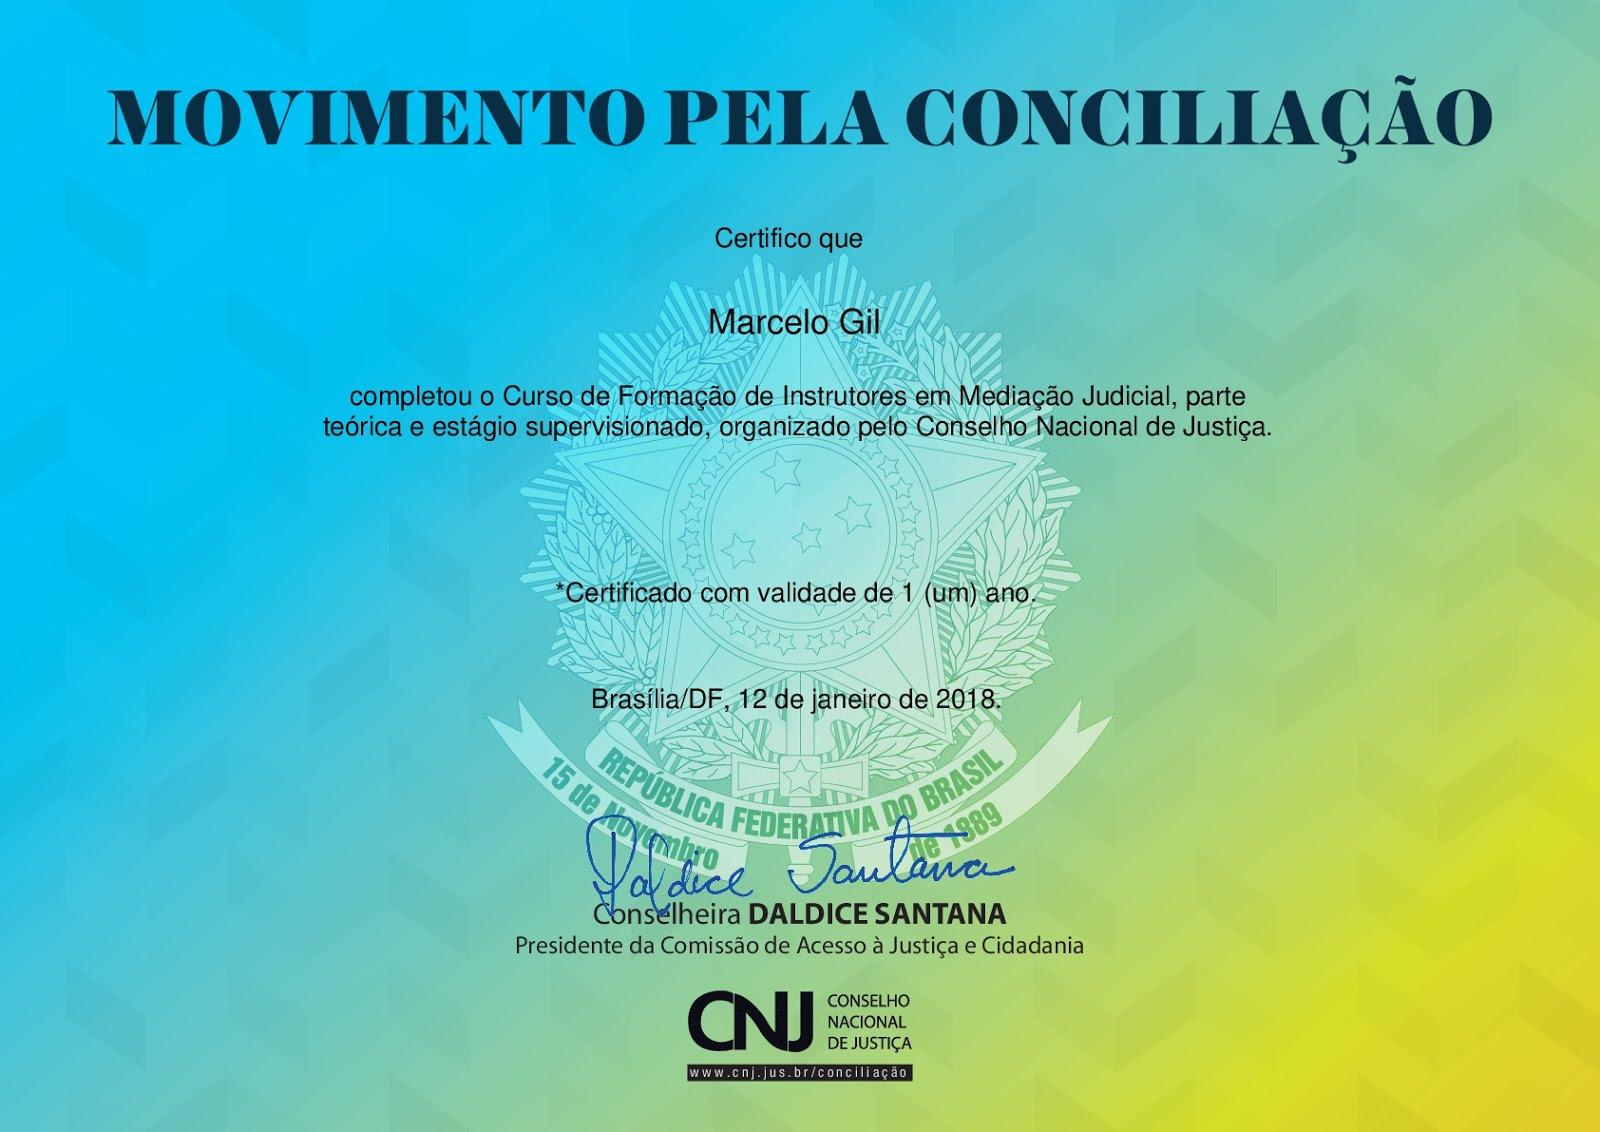 CERTIFICADO DE CONCLUSÃO DO CURSO DE FORMAÇÃO DE INSTRUTORES DE MEDIAÇÃO JUDICIAL DO CNJ / 2018